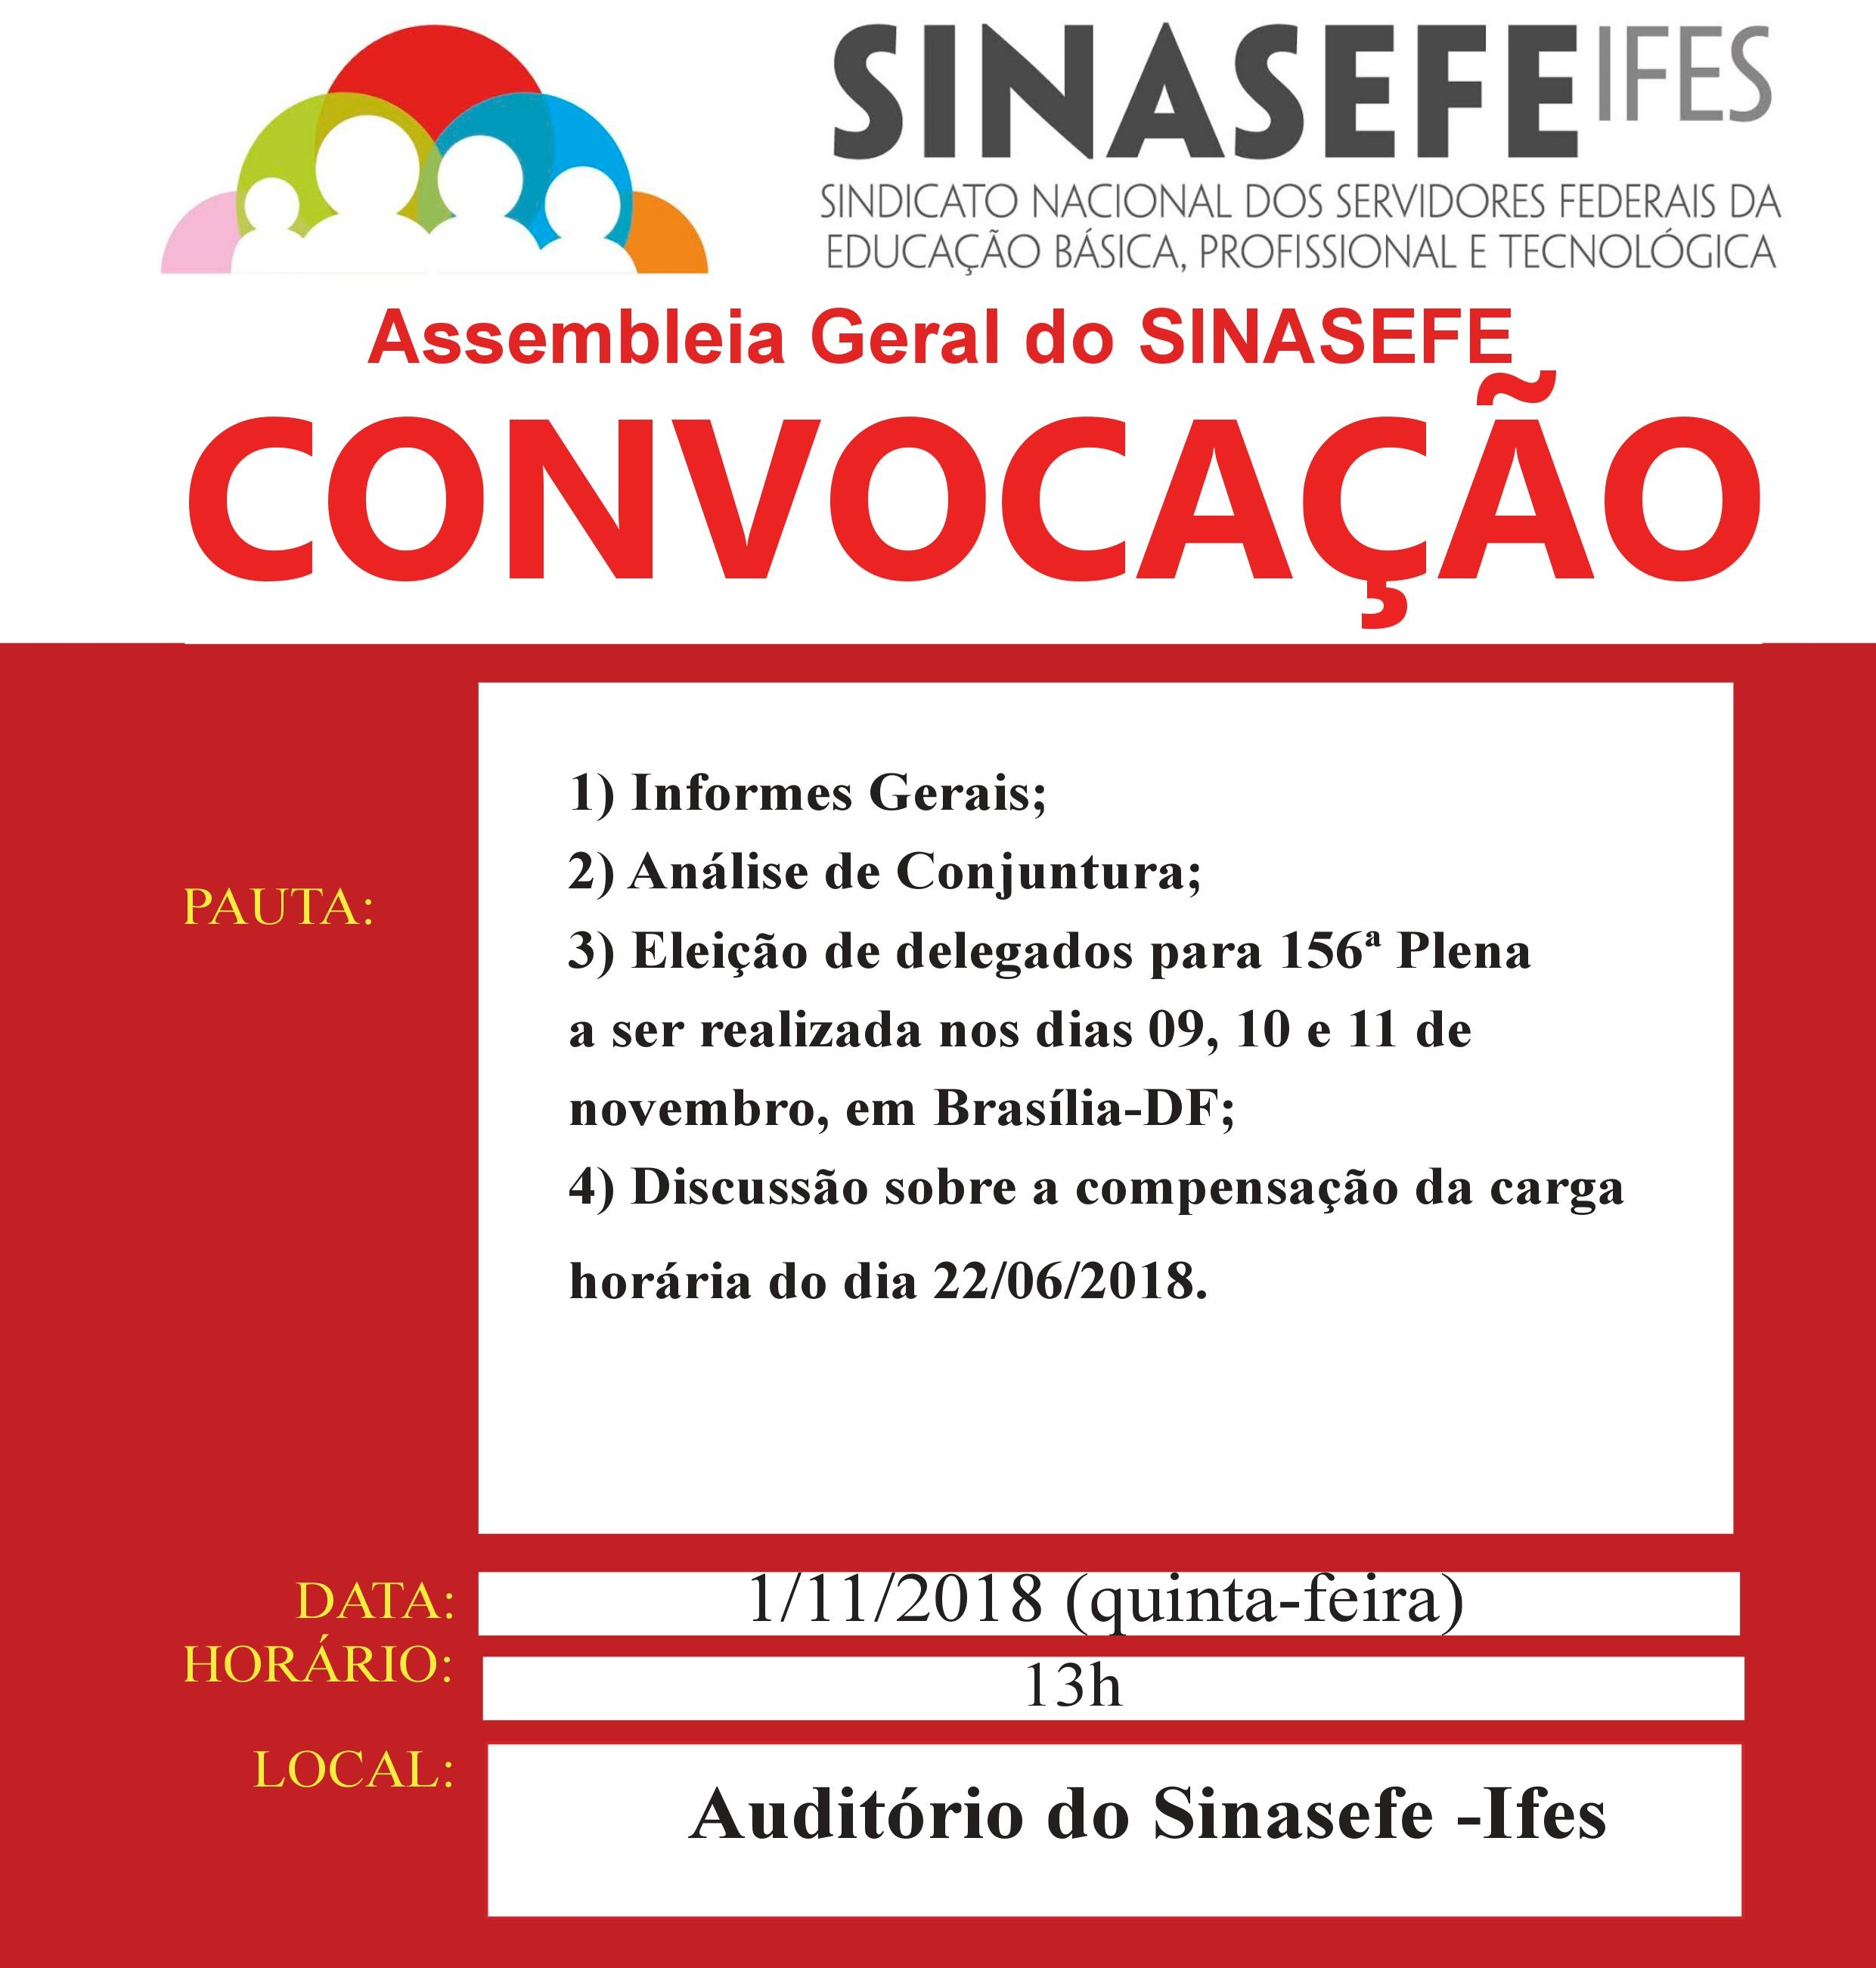 Assembleia geral do Sinasefe Ifes elegerá delegados/as para 156ª Plenária Nacional